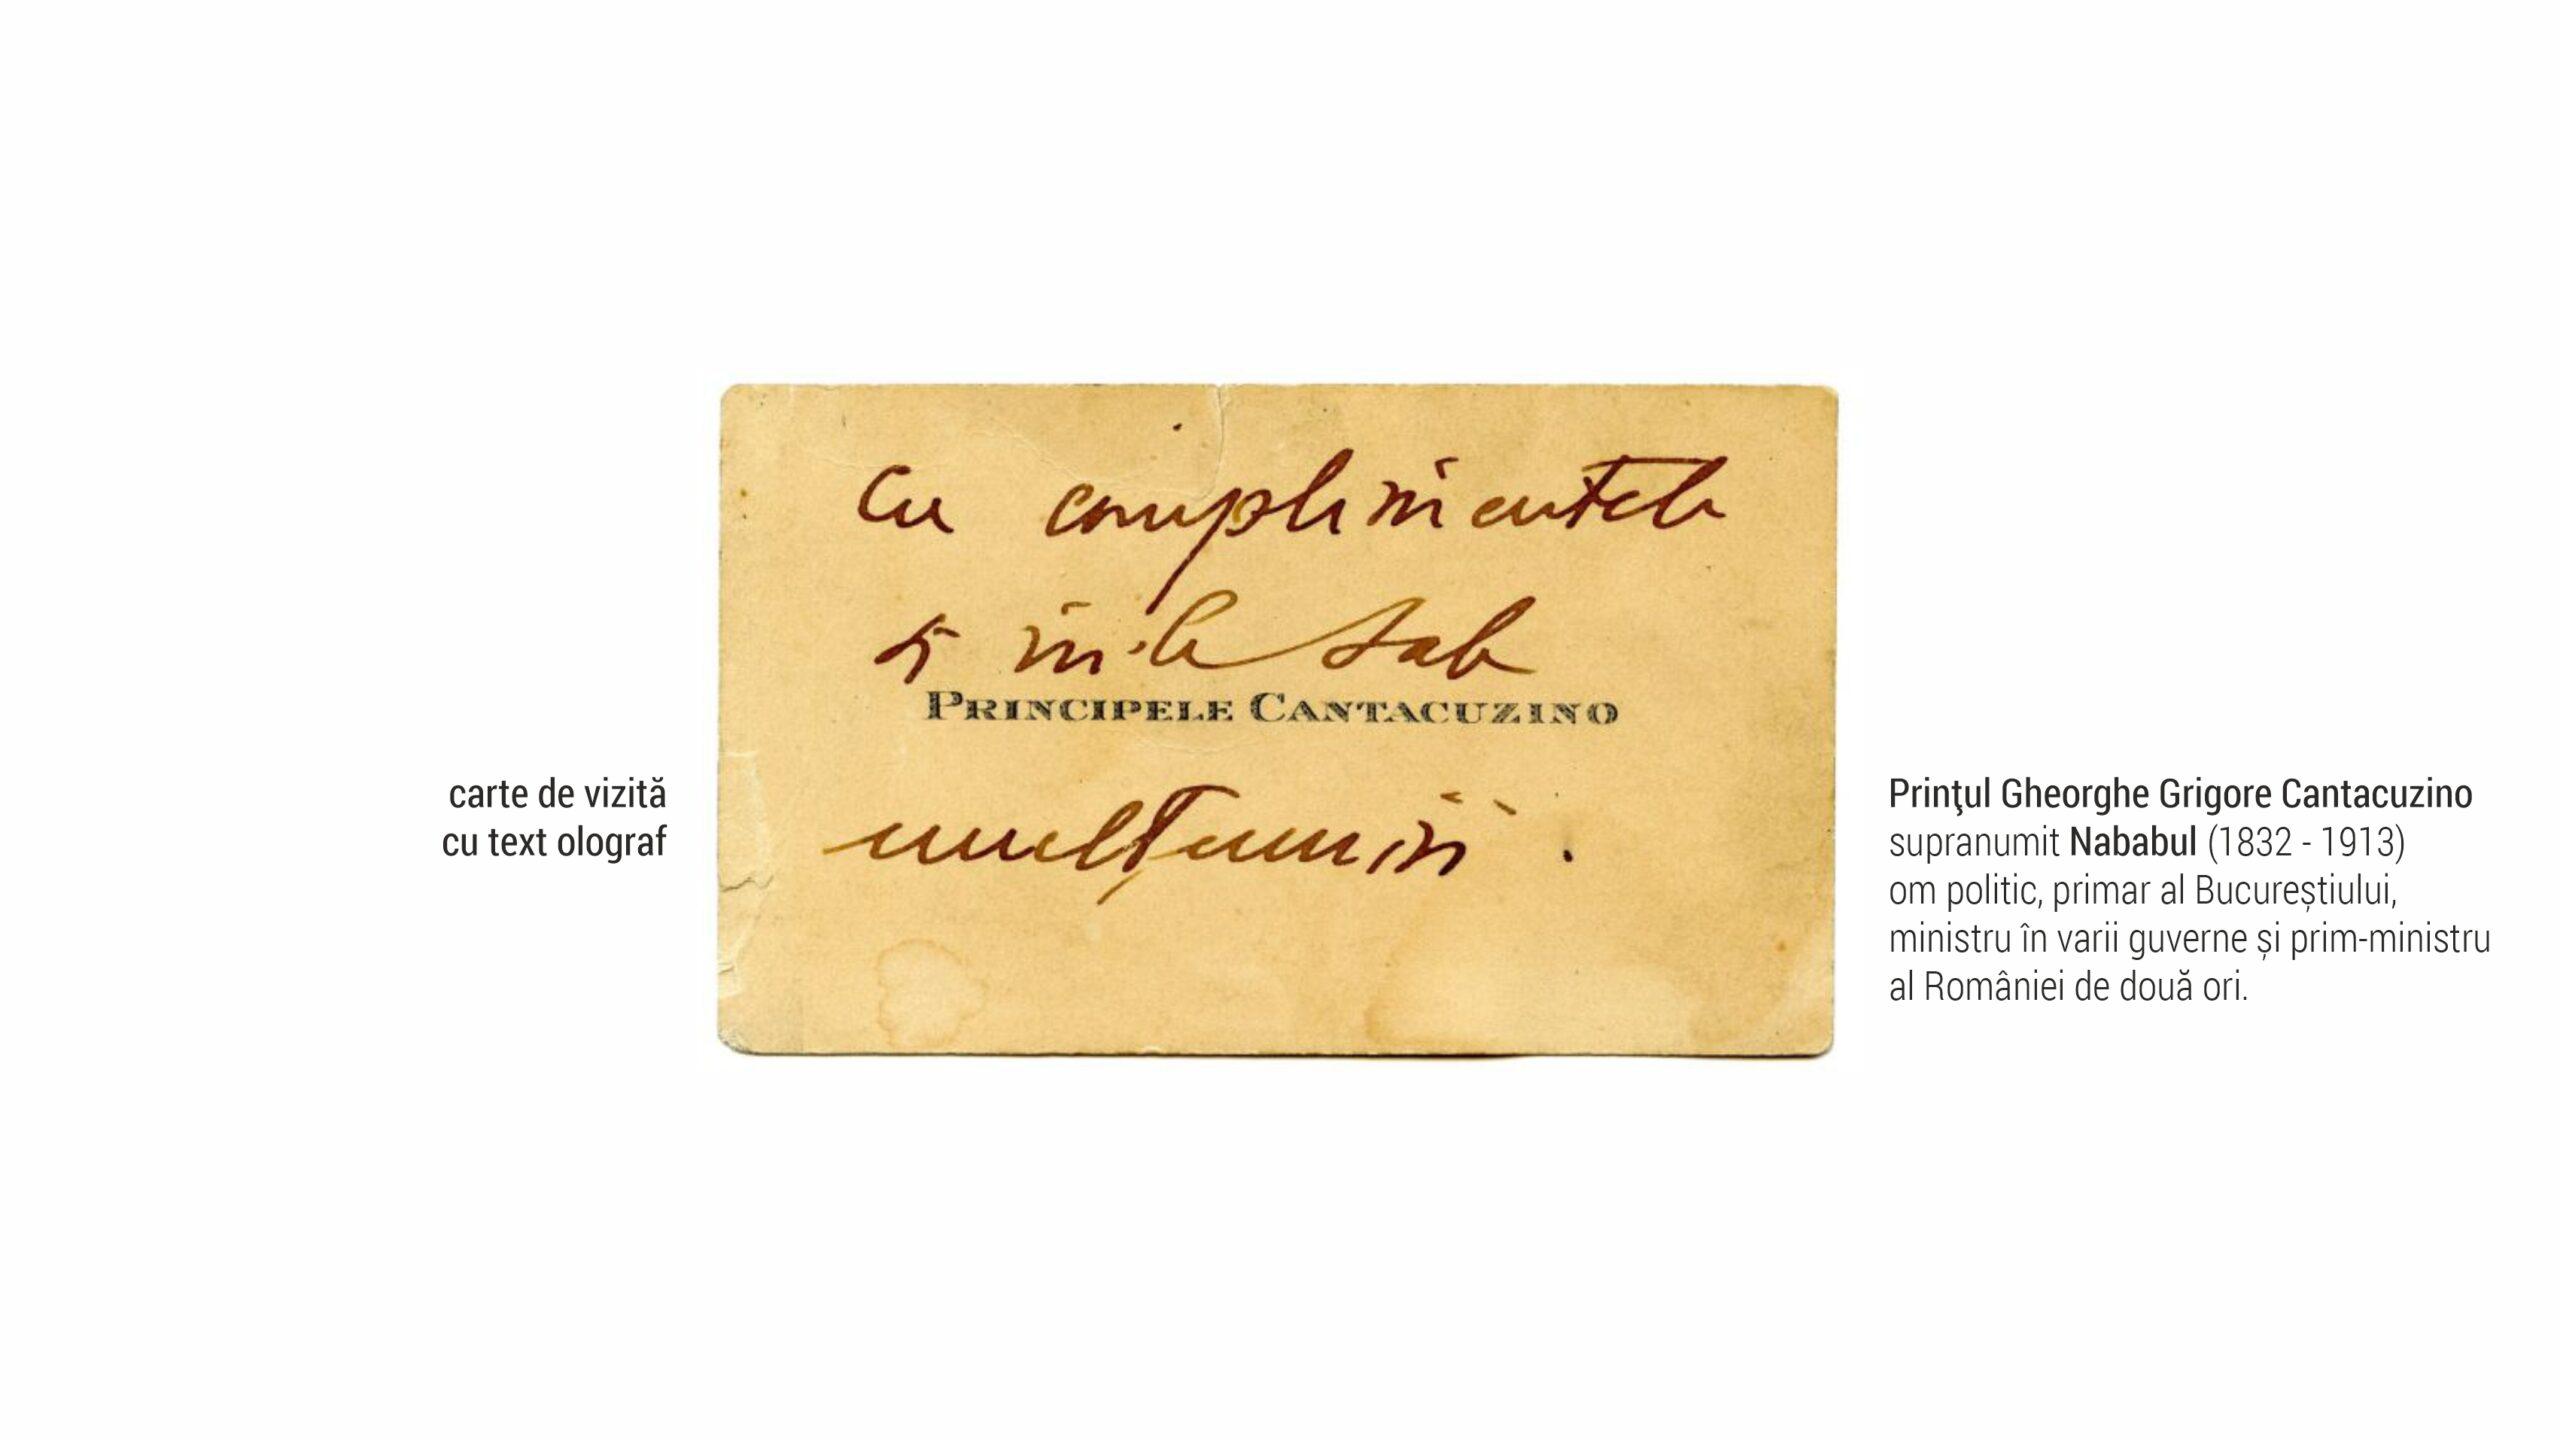 Principele Cantacuzino - carte de vizita